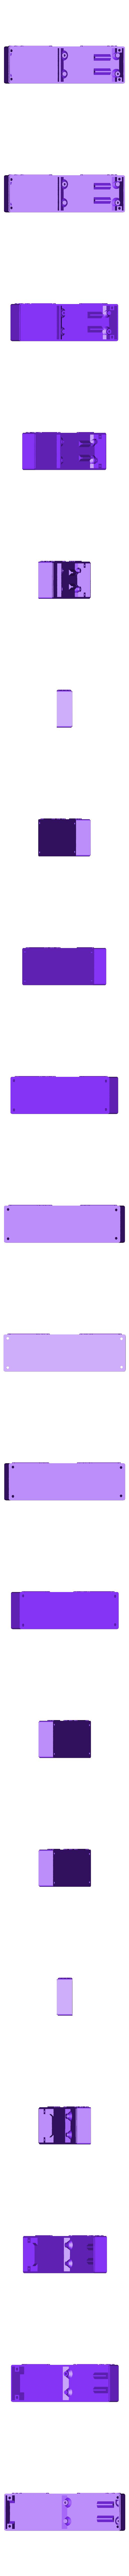 Bike_horn_base.stl Télécharger fichier STL gratuit Klaxon MP3 pour vélo • Modèle pour impression 3D, mschiller